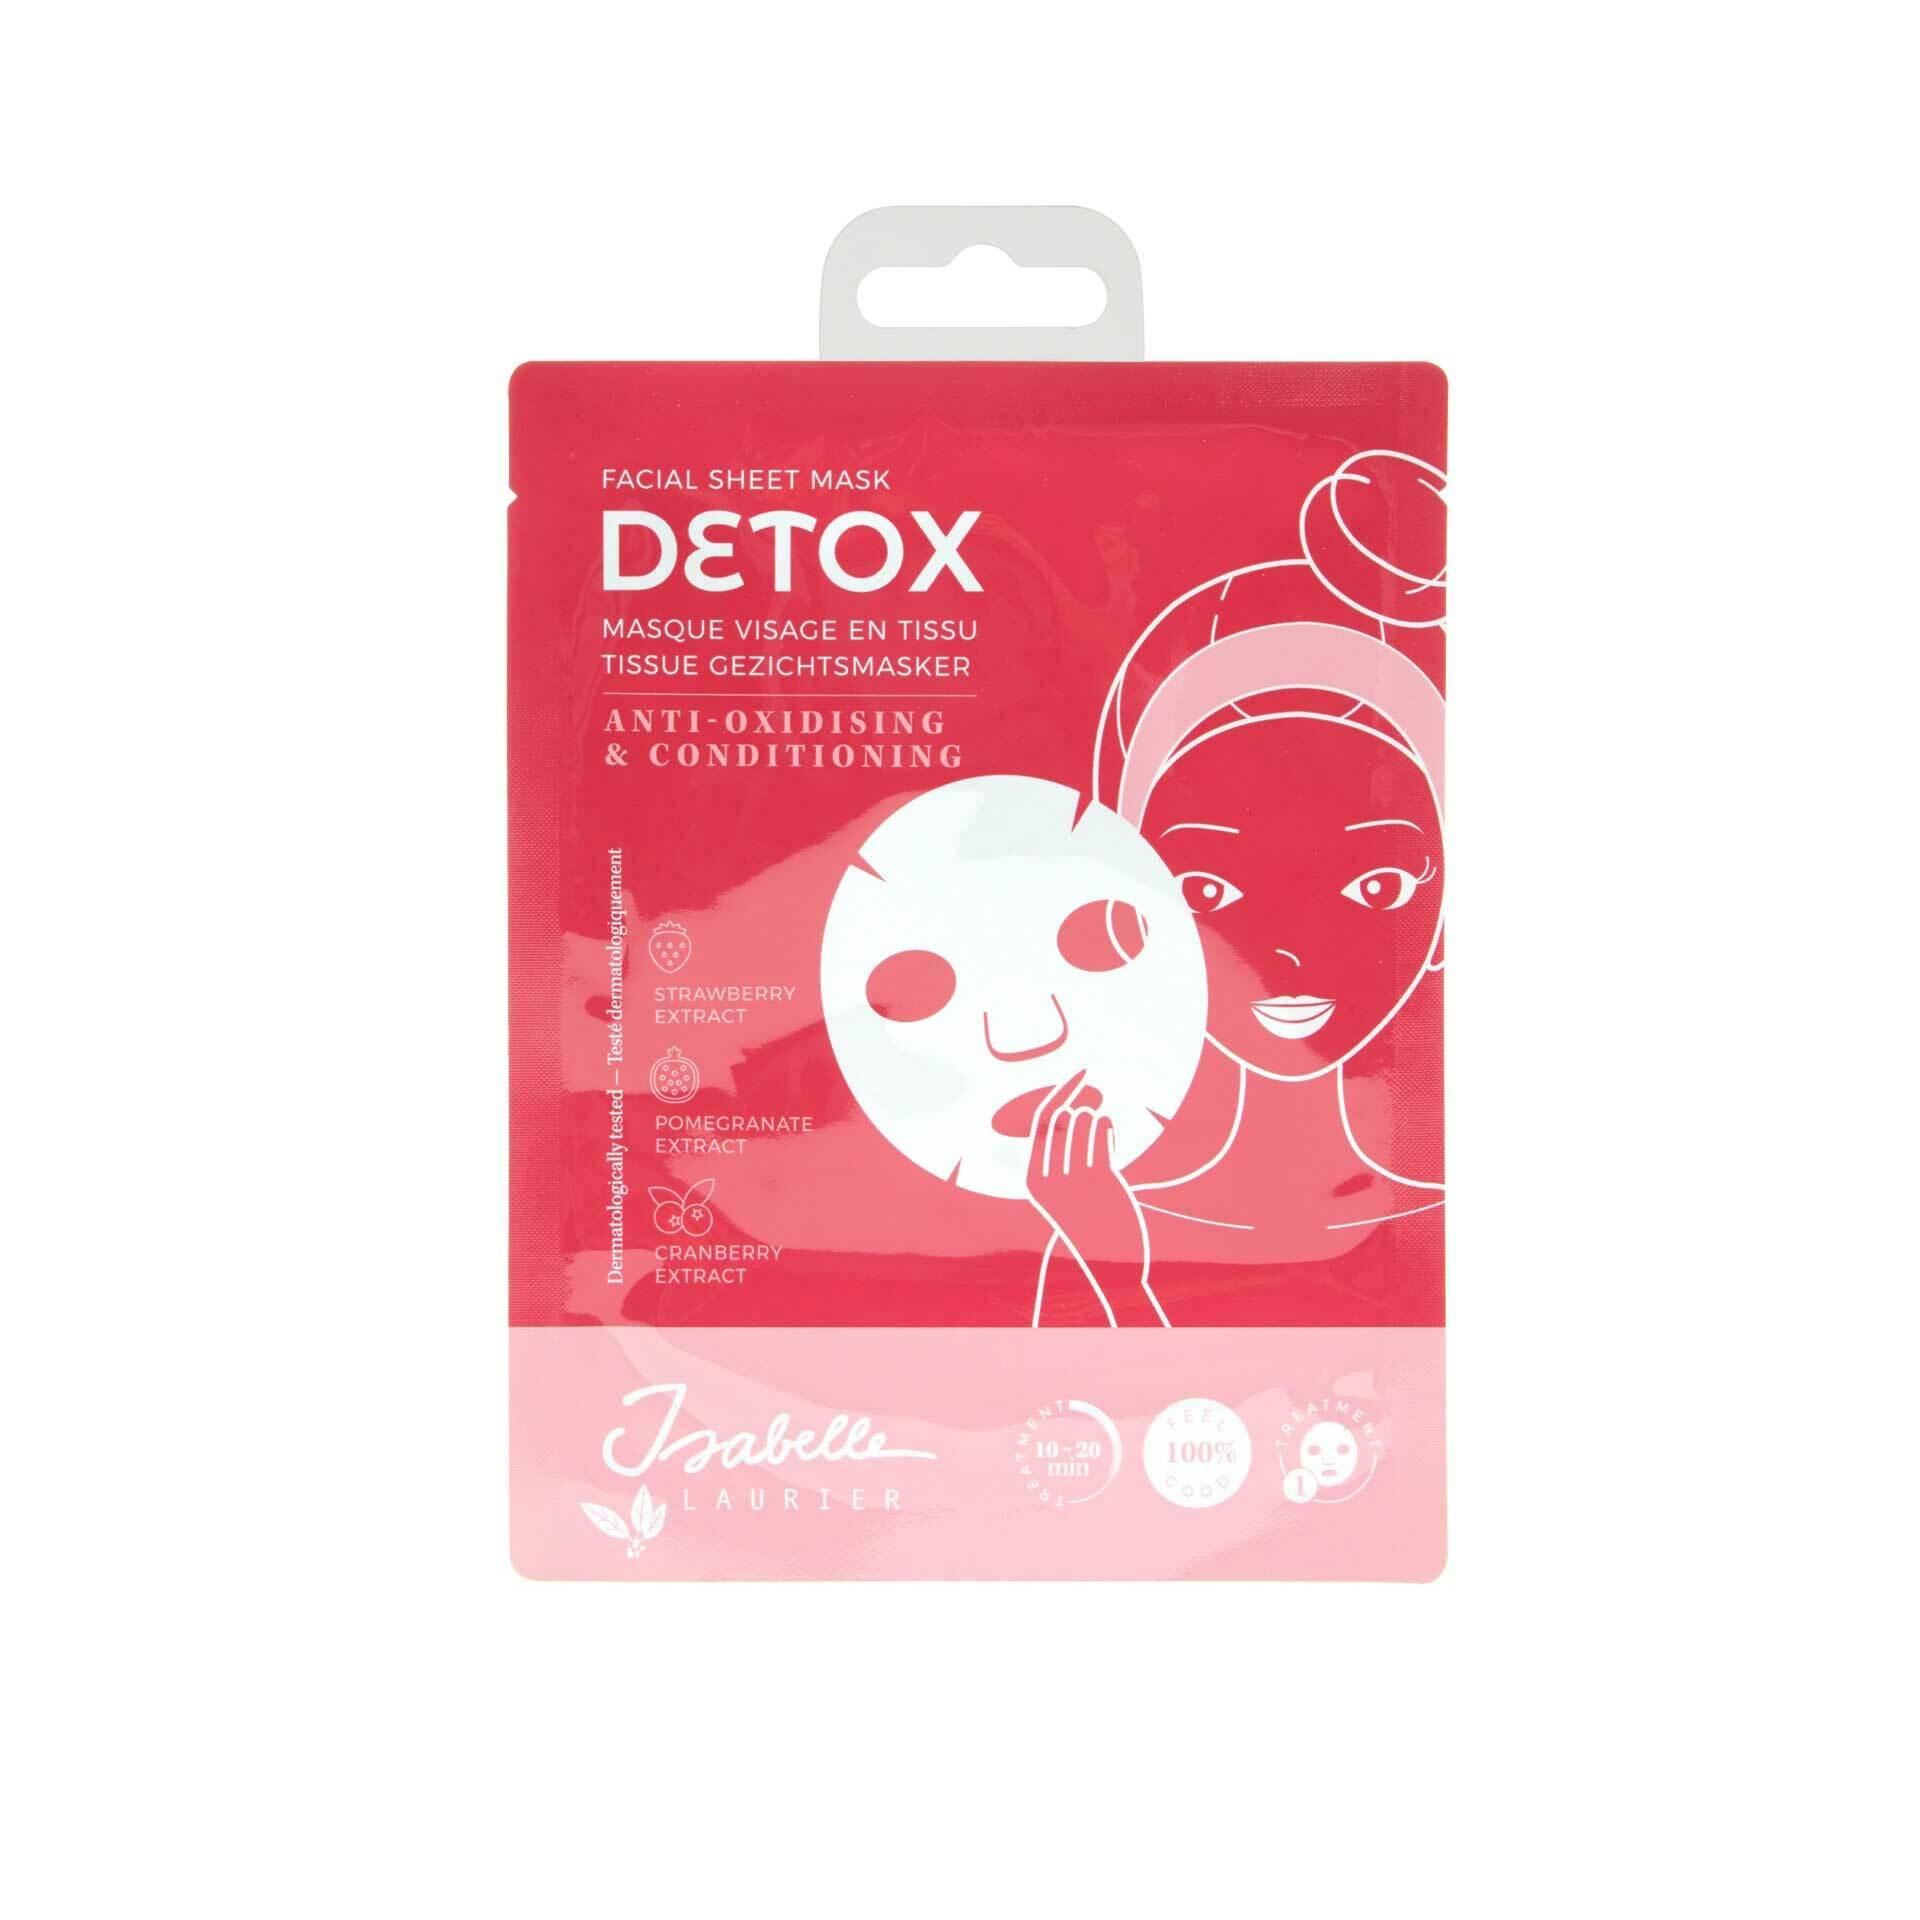 Tissue Gezichtsmasker<br/>Detox